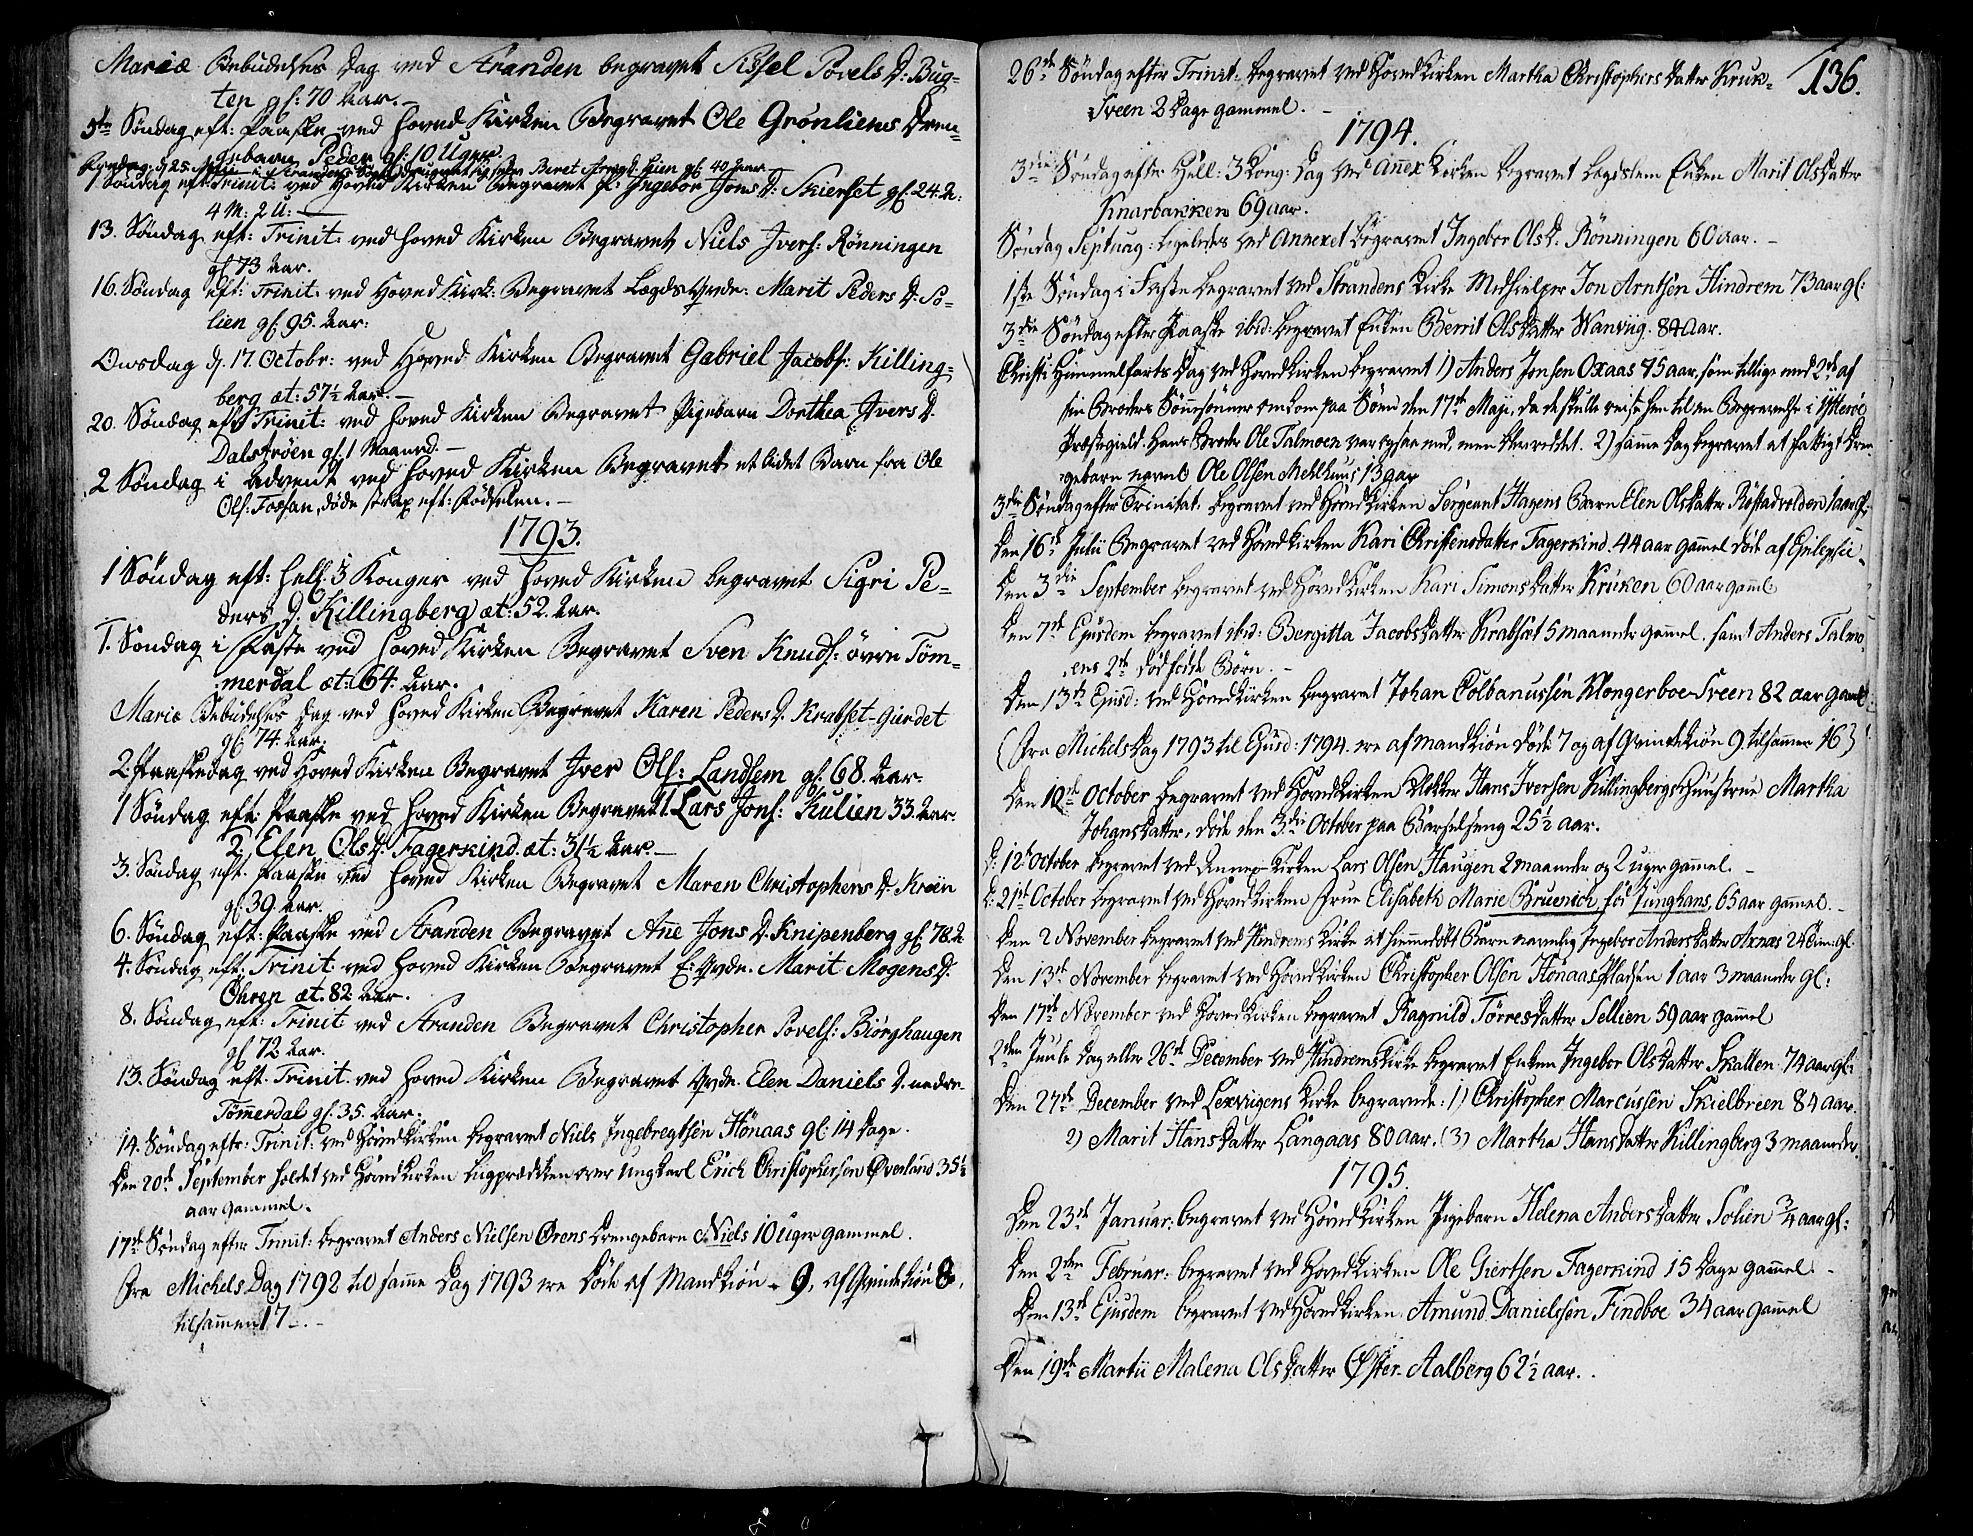 SAT, Ministerialprotokoller, klokkerbøker og fødselsregistre - Nord-Trøndelag, 701/L0004: Ministerialbok nr. 701A04, 1783-1816, s. 136